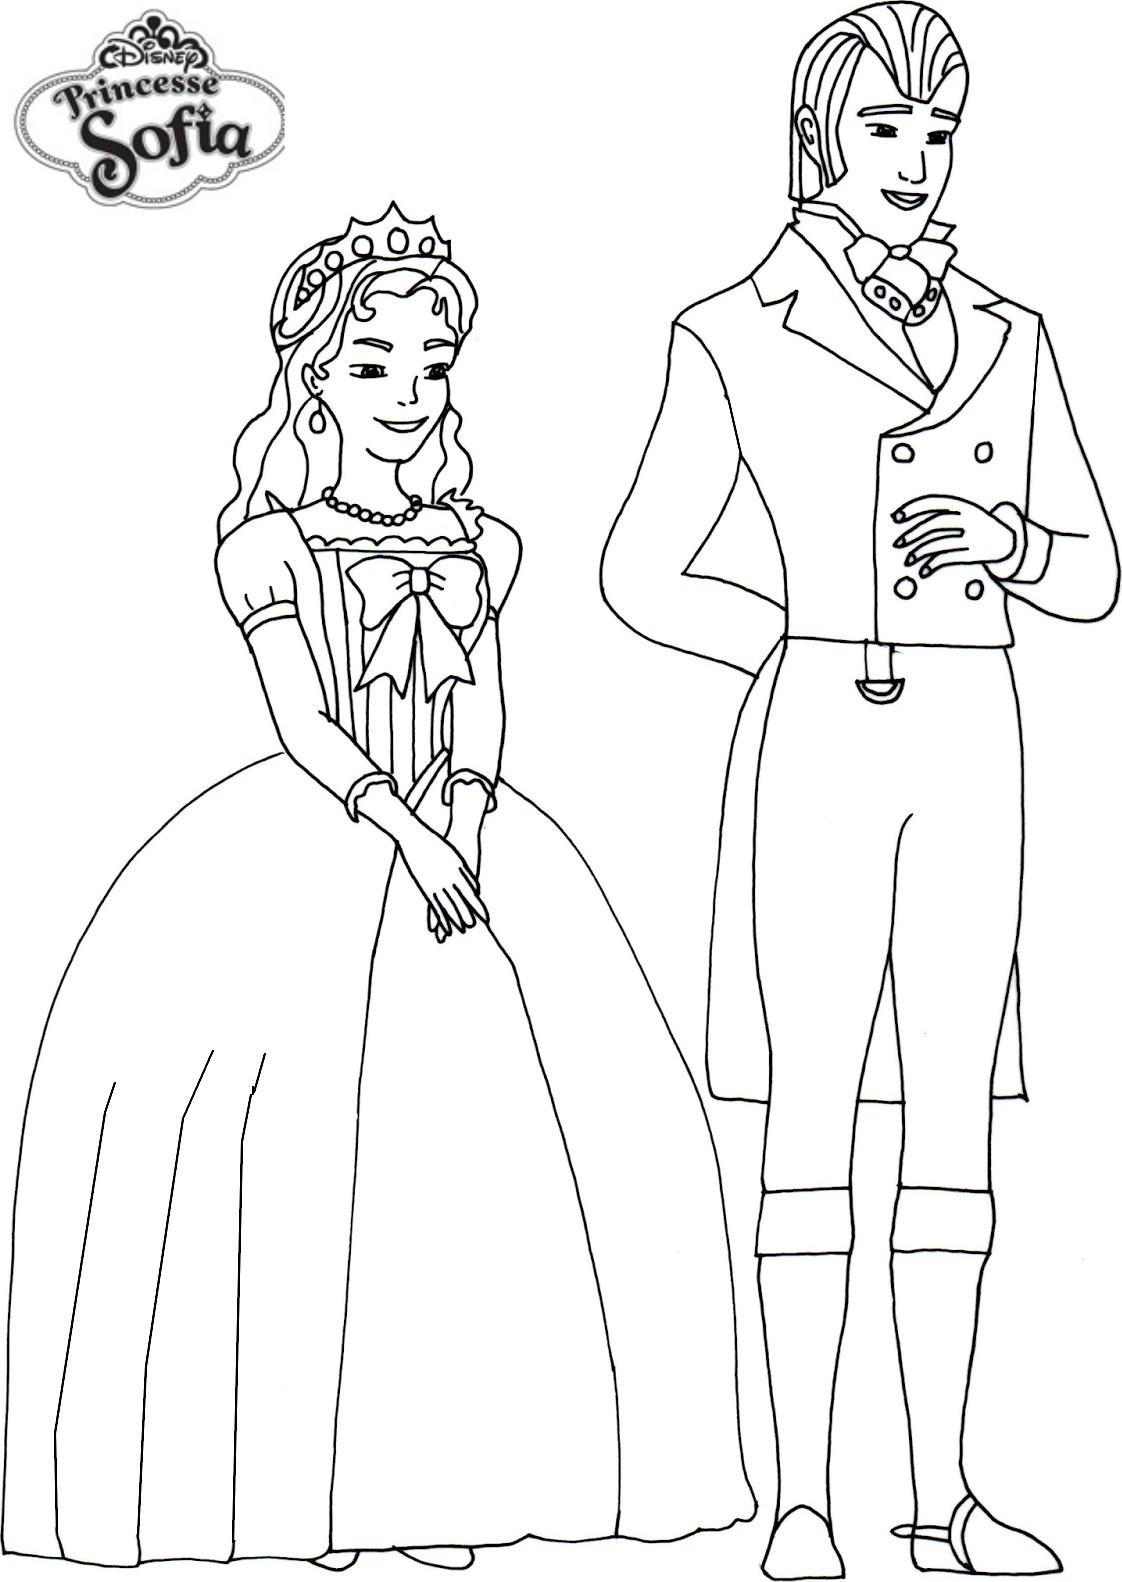 Coloriage De Prince Et Princesse A Imprimer.Coloriage Princesse Sofia Et Prince A Imprimer Et Colorier